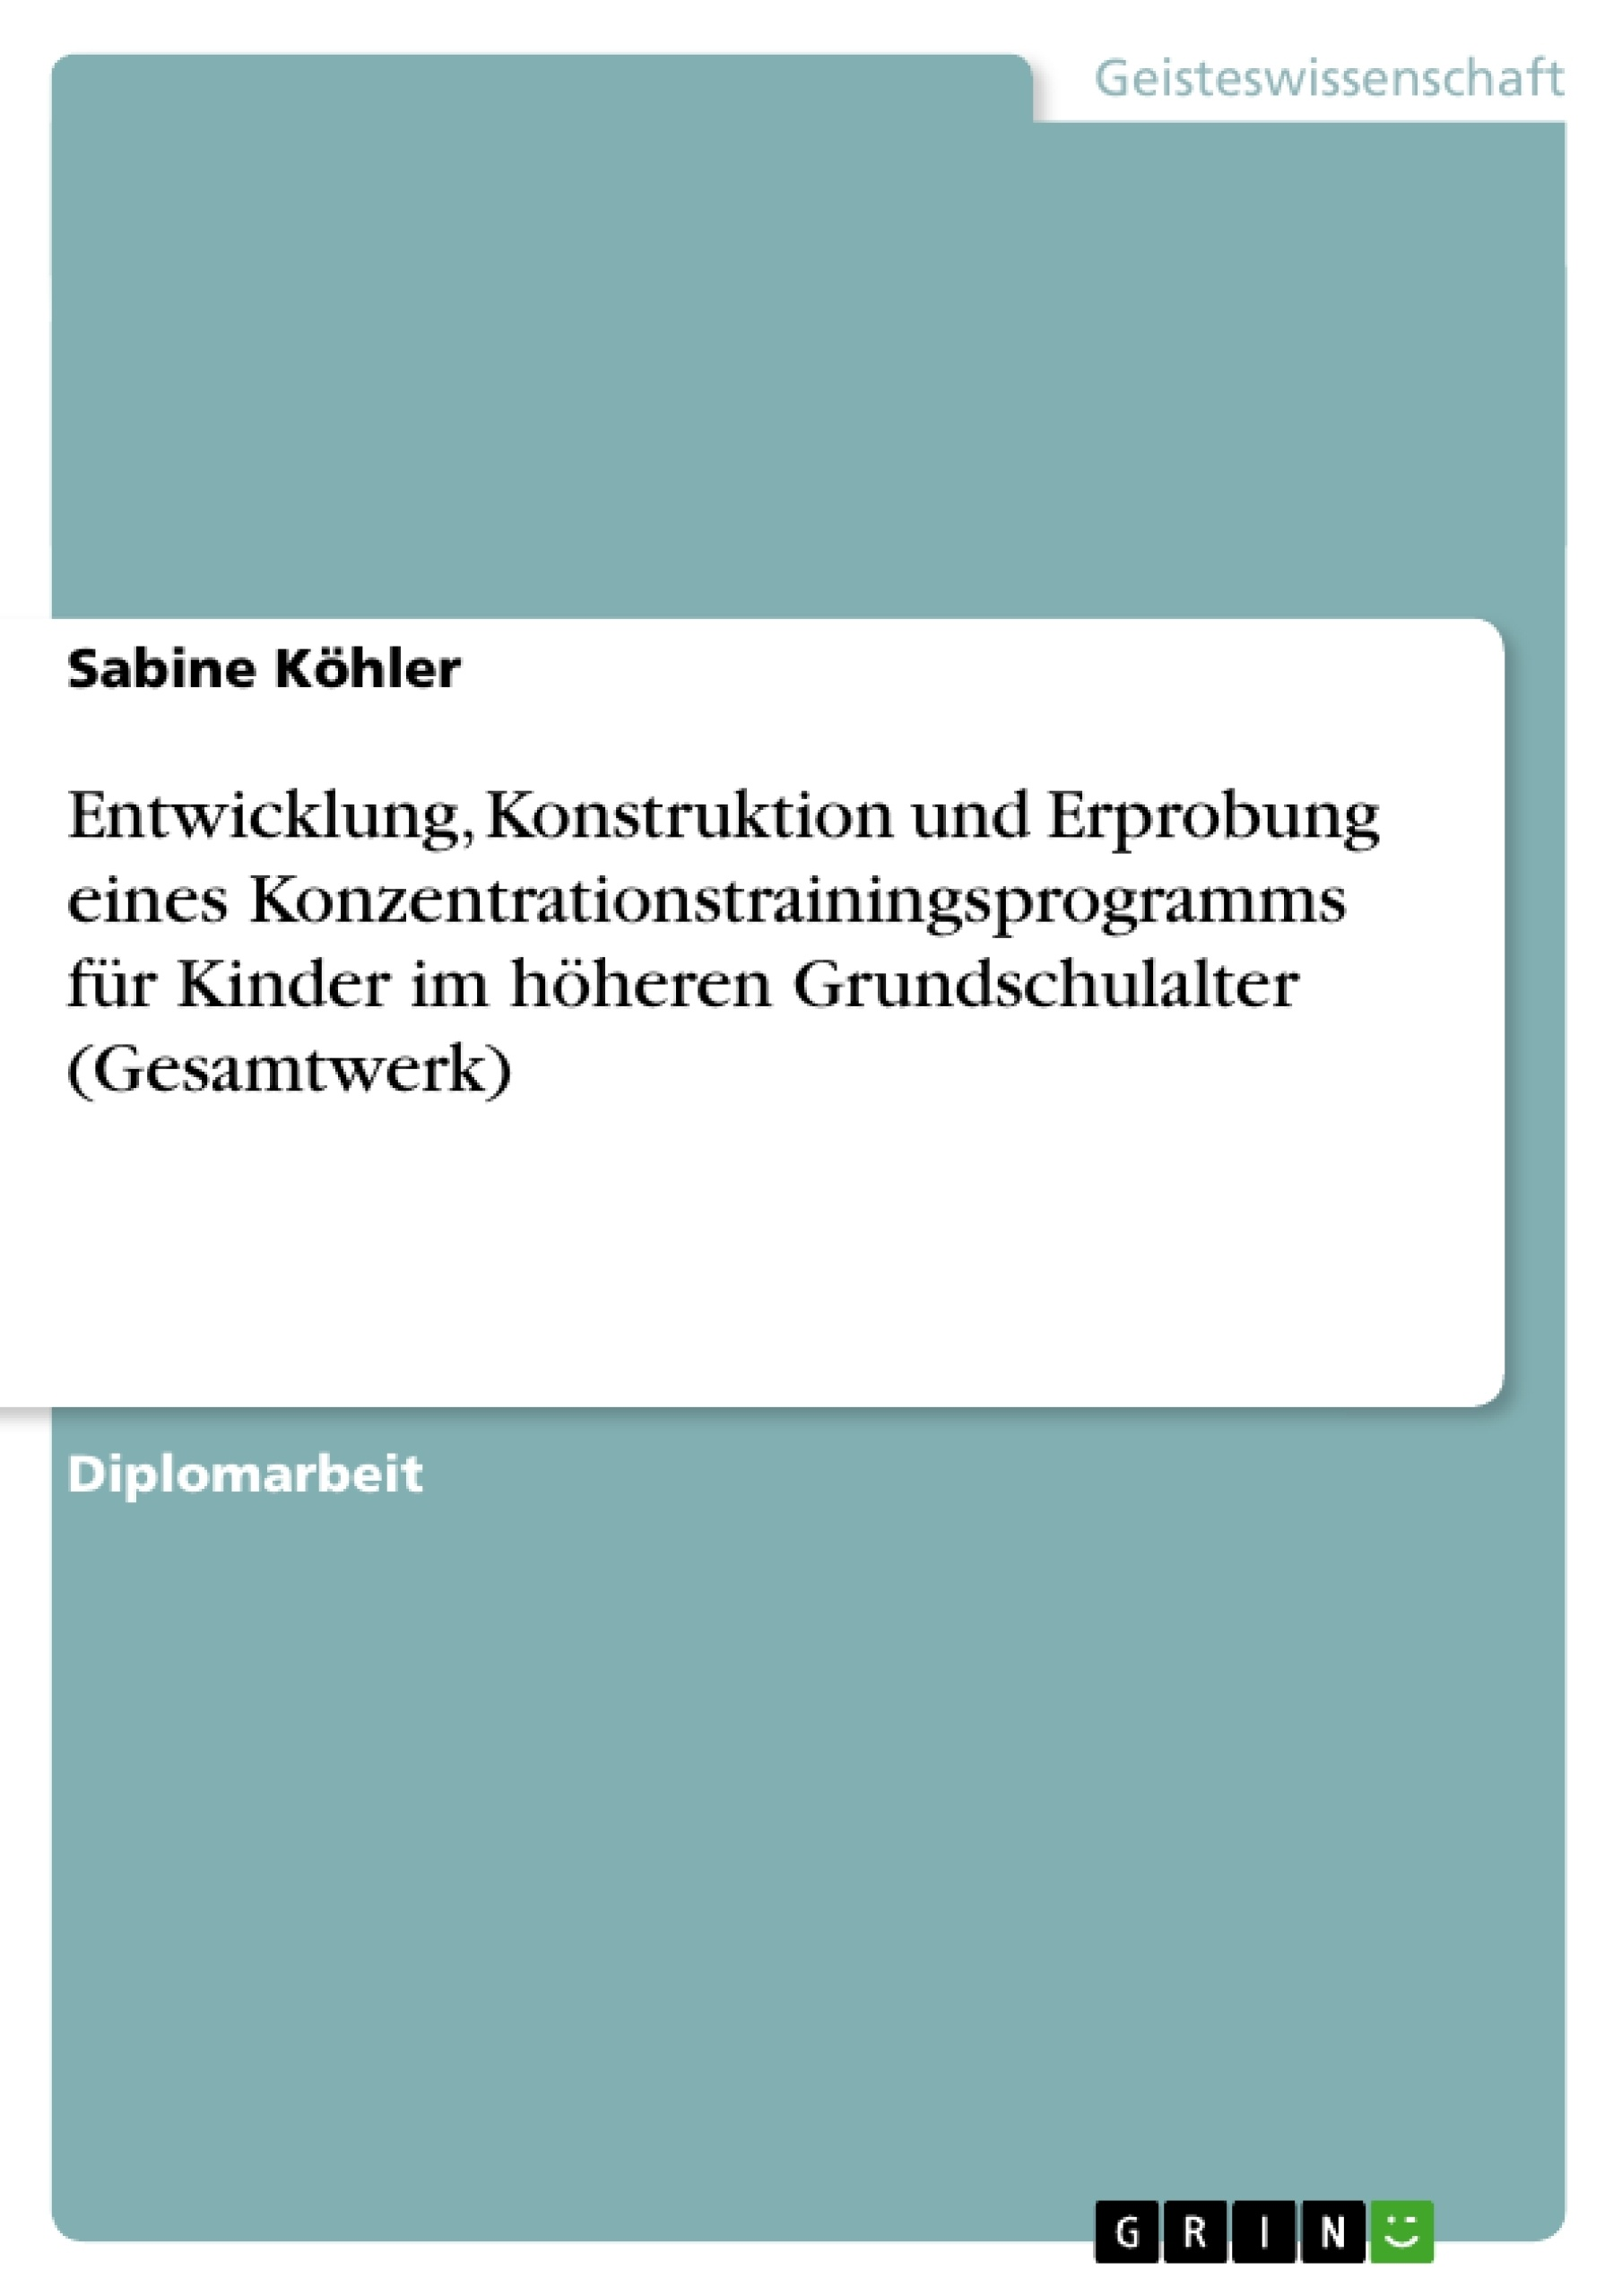 Titel: Entwicklung, Konstruktion und Erprobung eines Konzentrationstrainingsprogramms für Kinder im höheren Grundschulalter (Gesamtwerk)